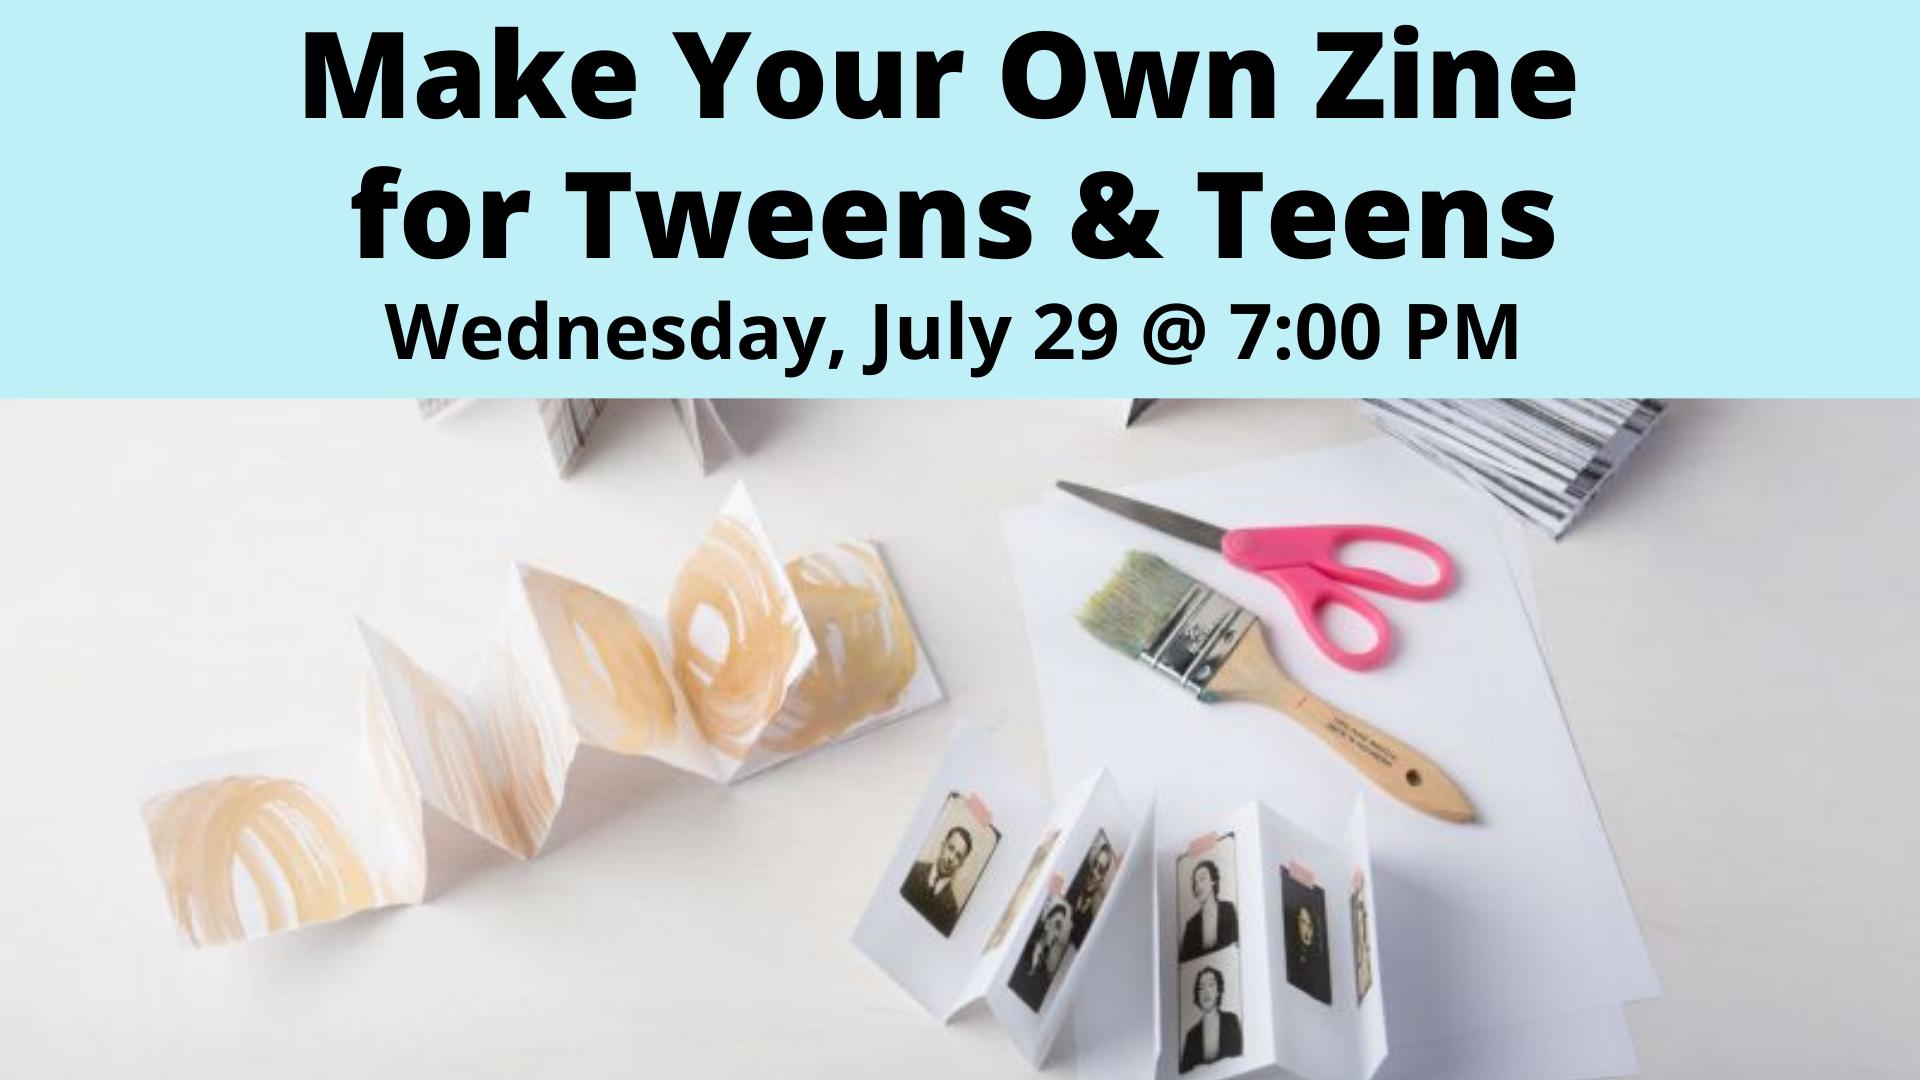 Make Your Own Zine for Tweens & Teens